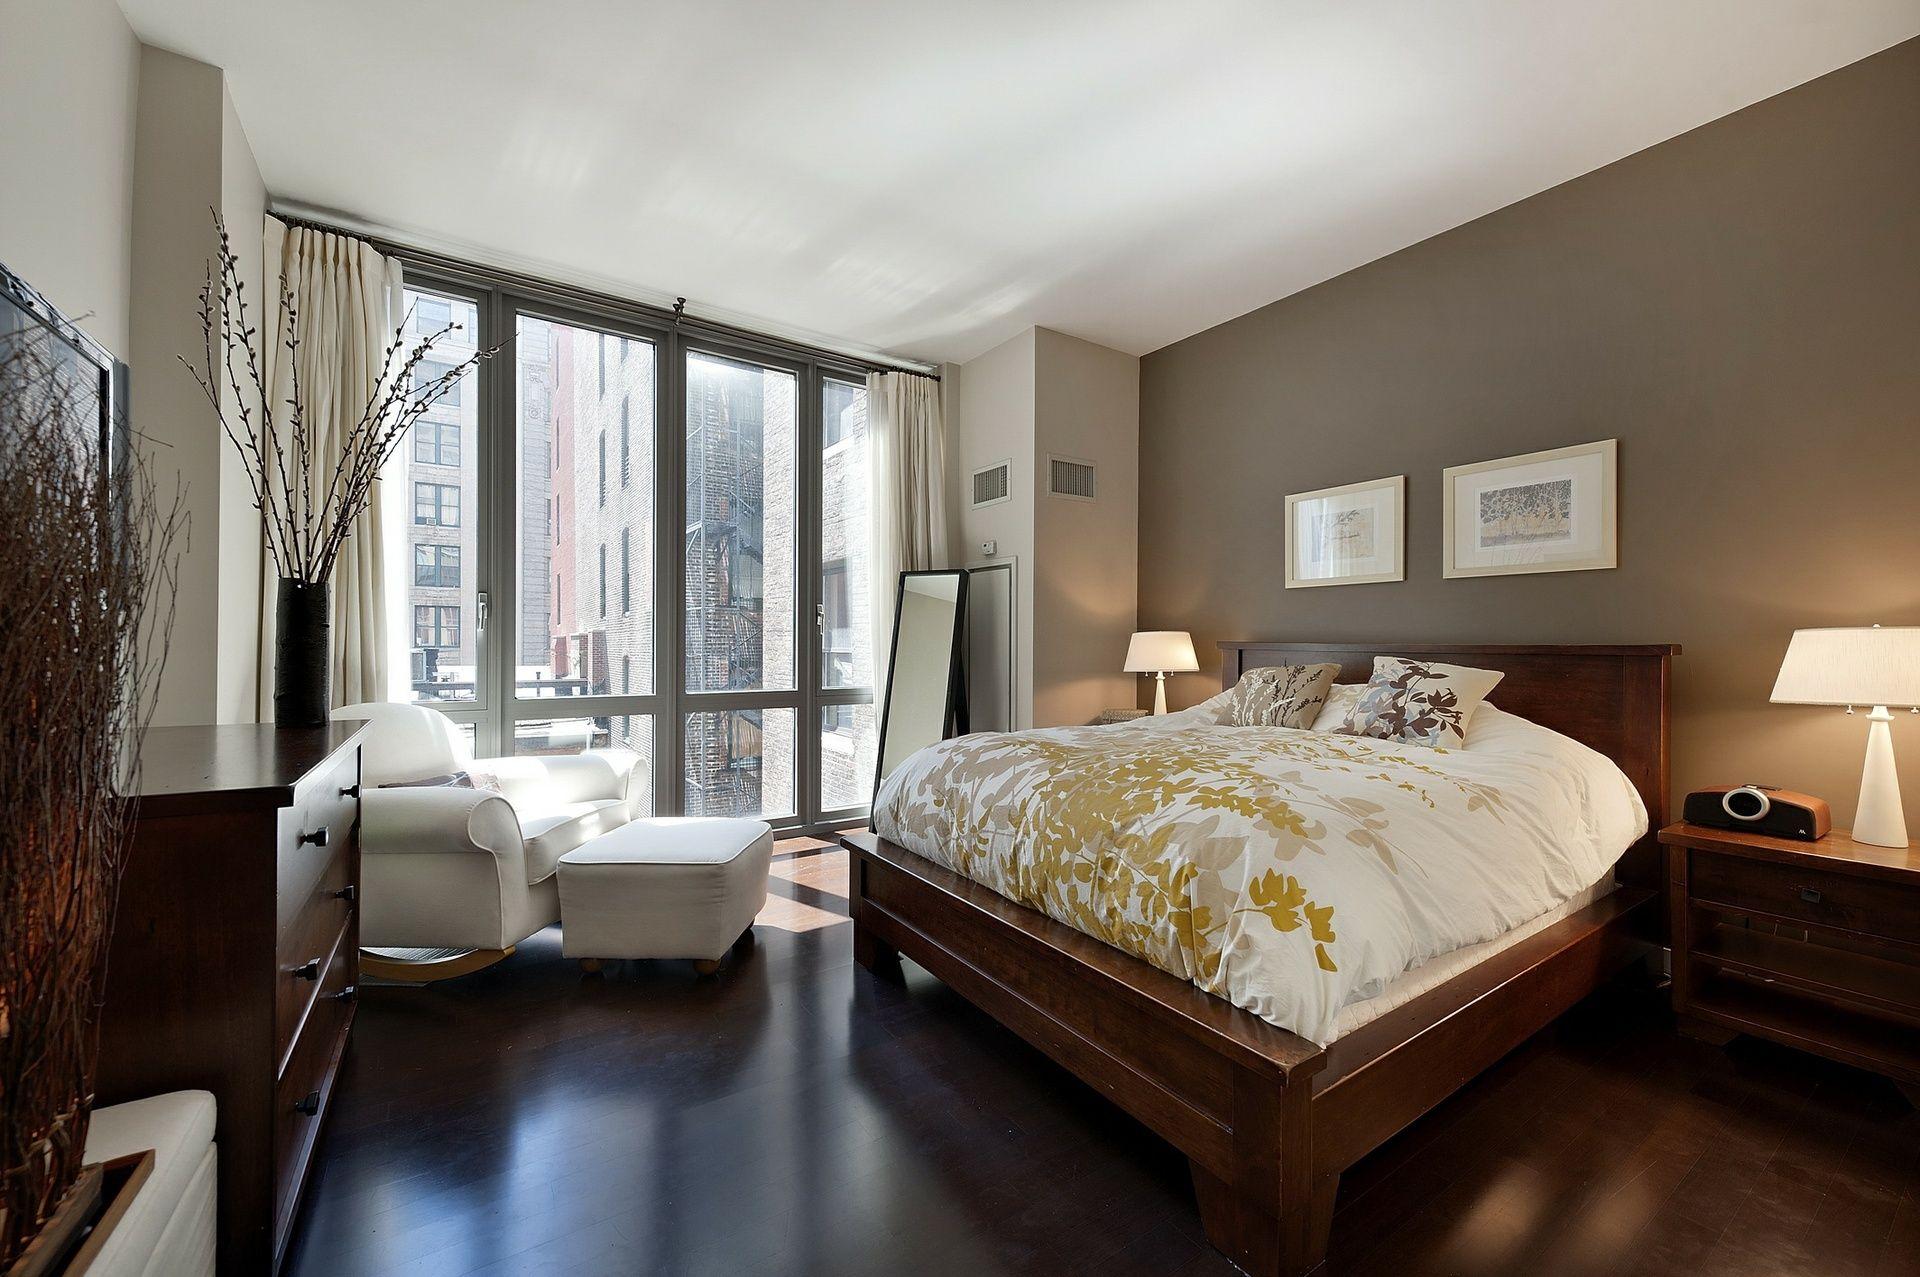 4 W 21st Street Nest Seekers Luxury loft, Home